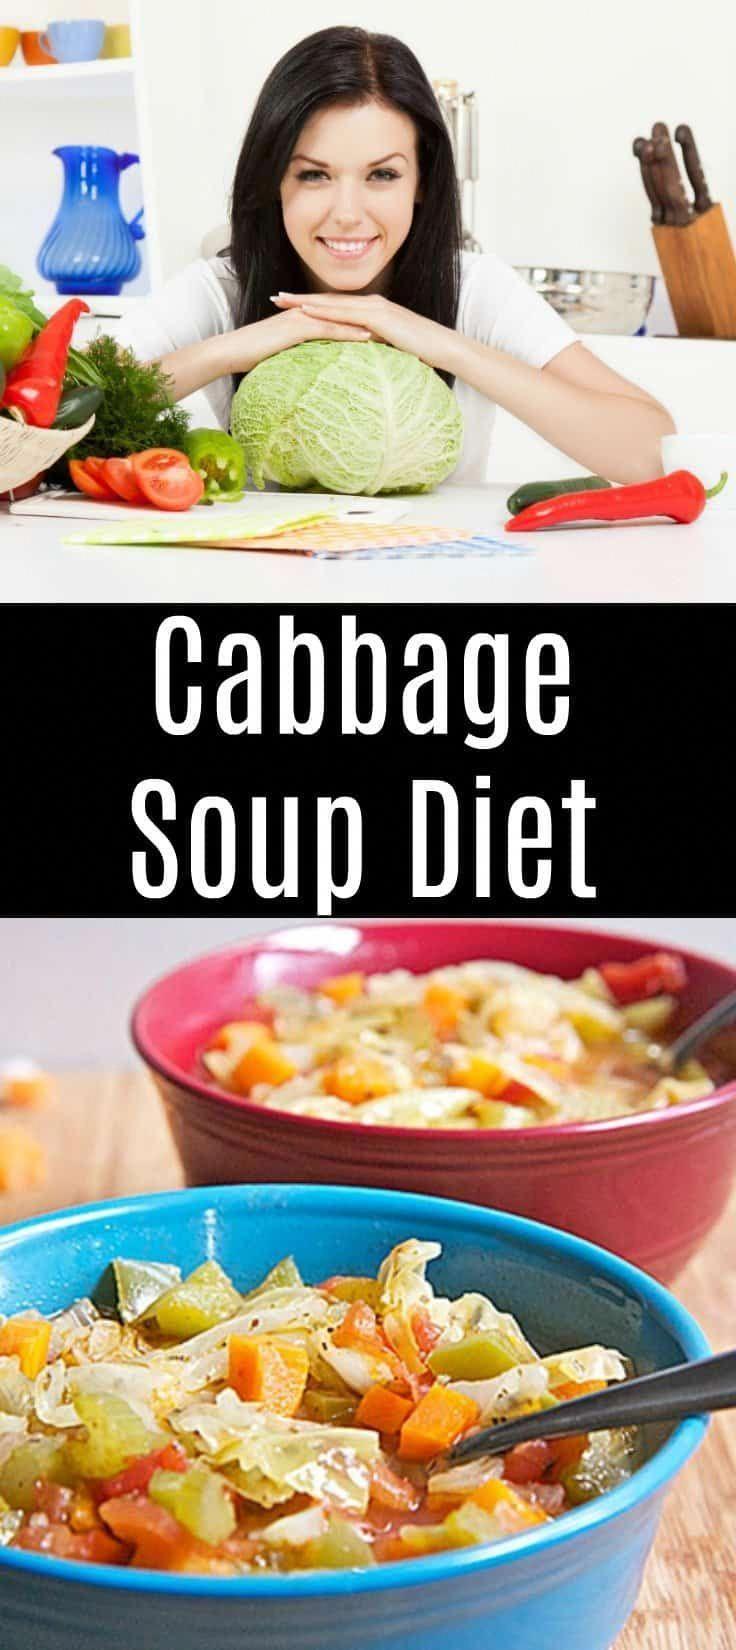 water detox diet #DetoxDiets #crockpot soup #detox #DetoxDiets #Diet #easy soup #potato soup #soup healthy #soup recipes #soupe #soupe froide #soupe legumes #soupe minceur #soupe potimarron #Water #soupedetoxminceur